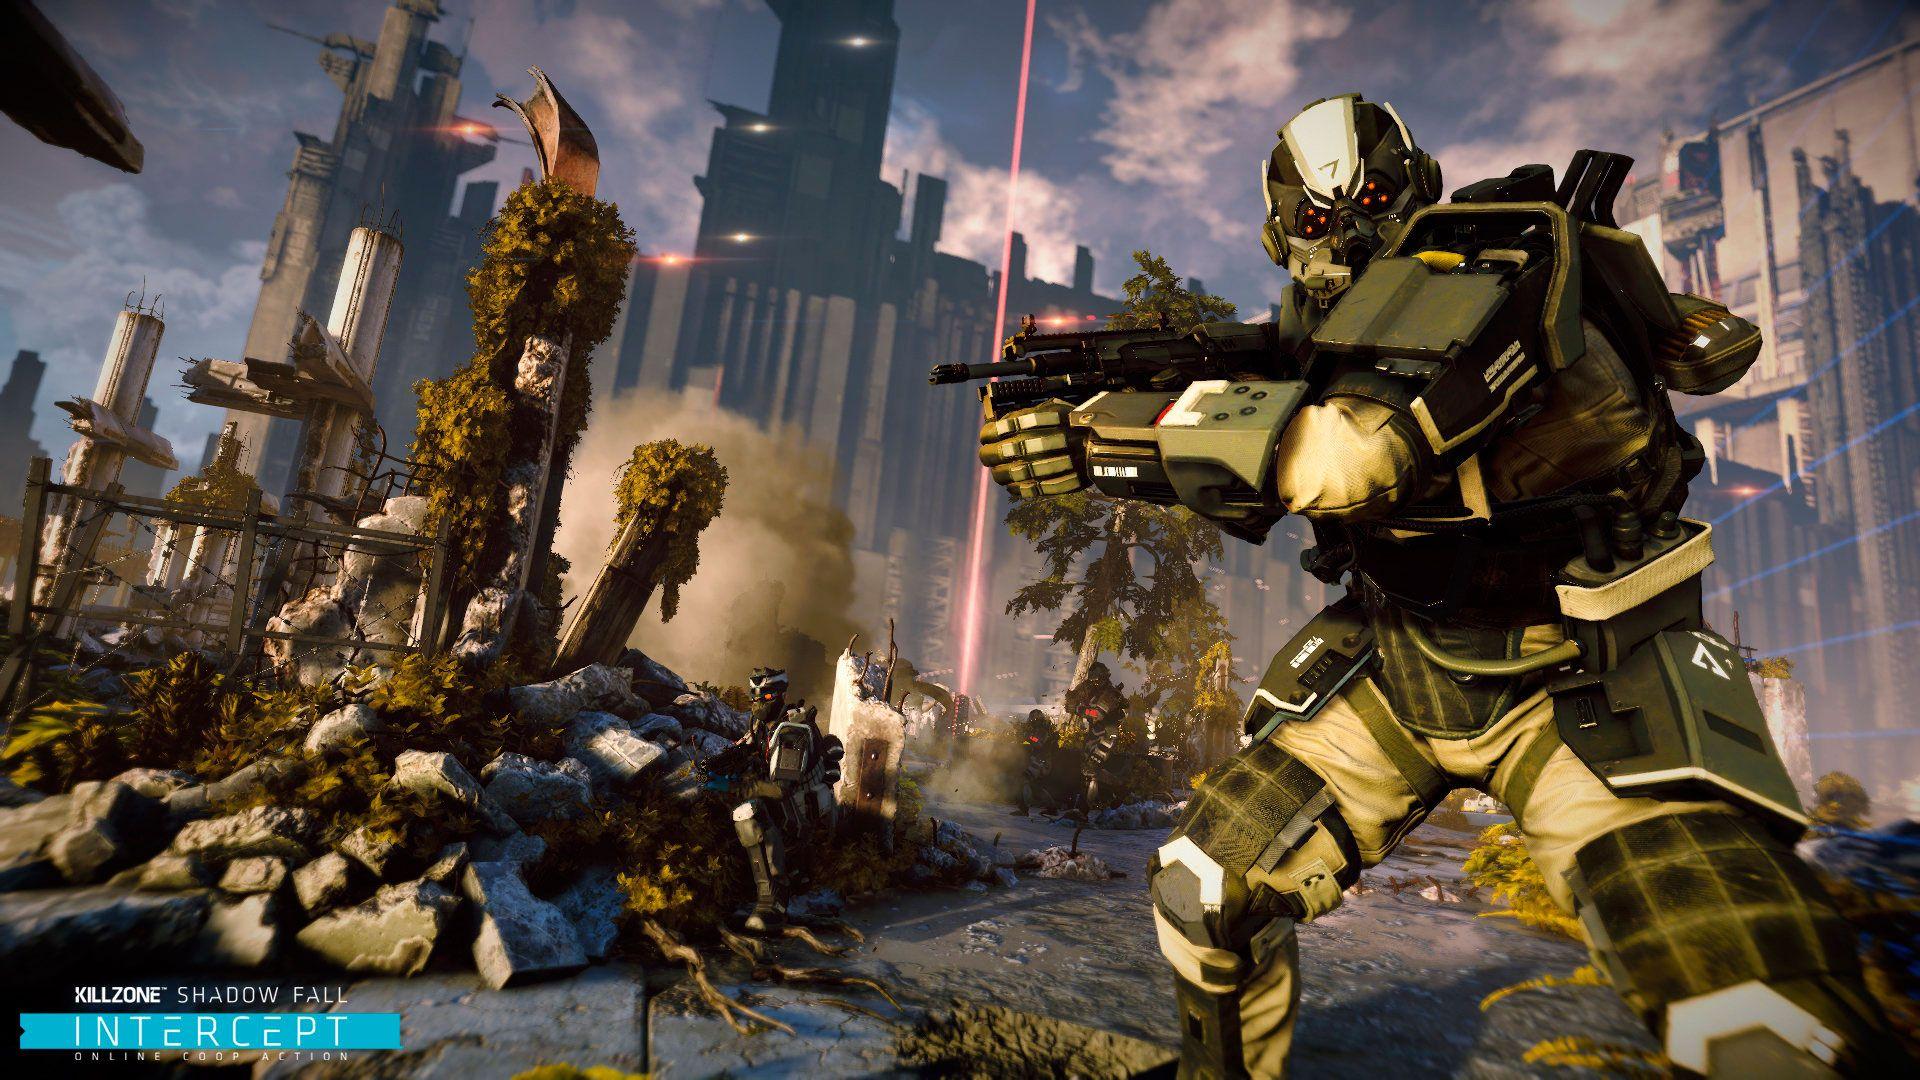 Killzone: В плену сумрака изображение 8